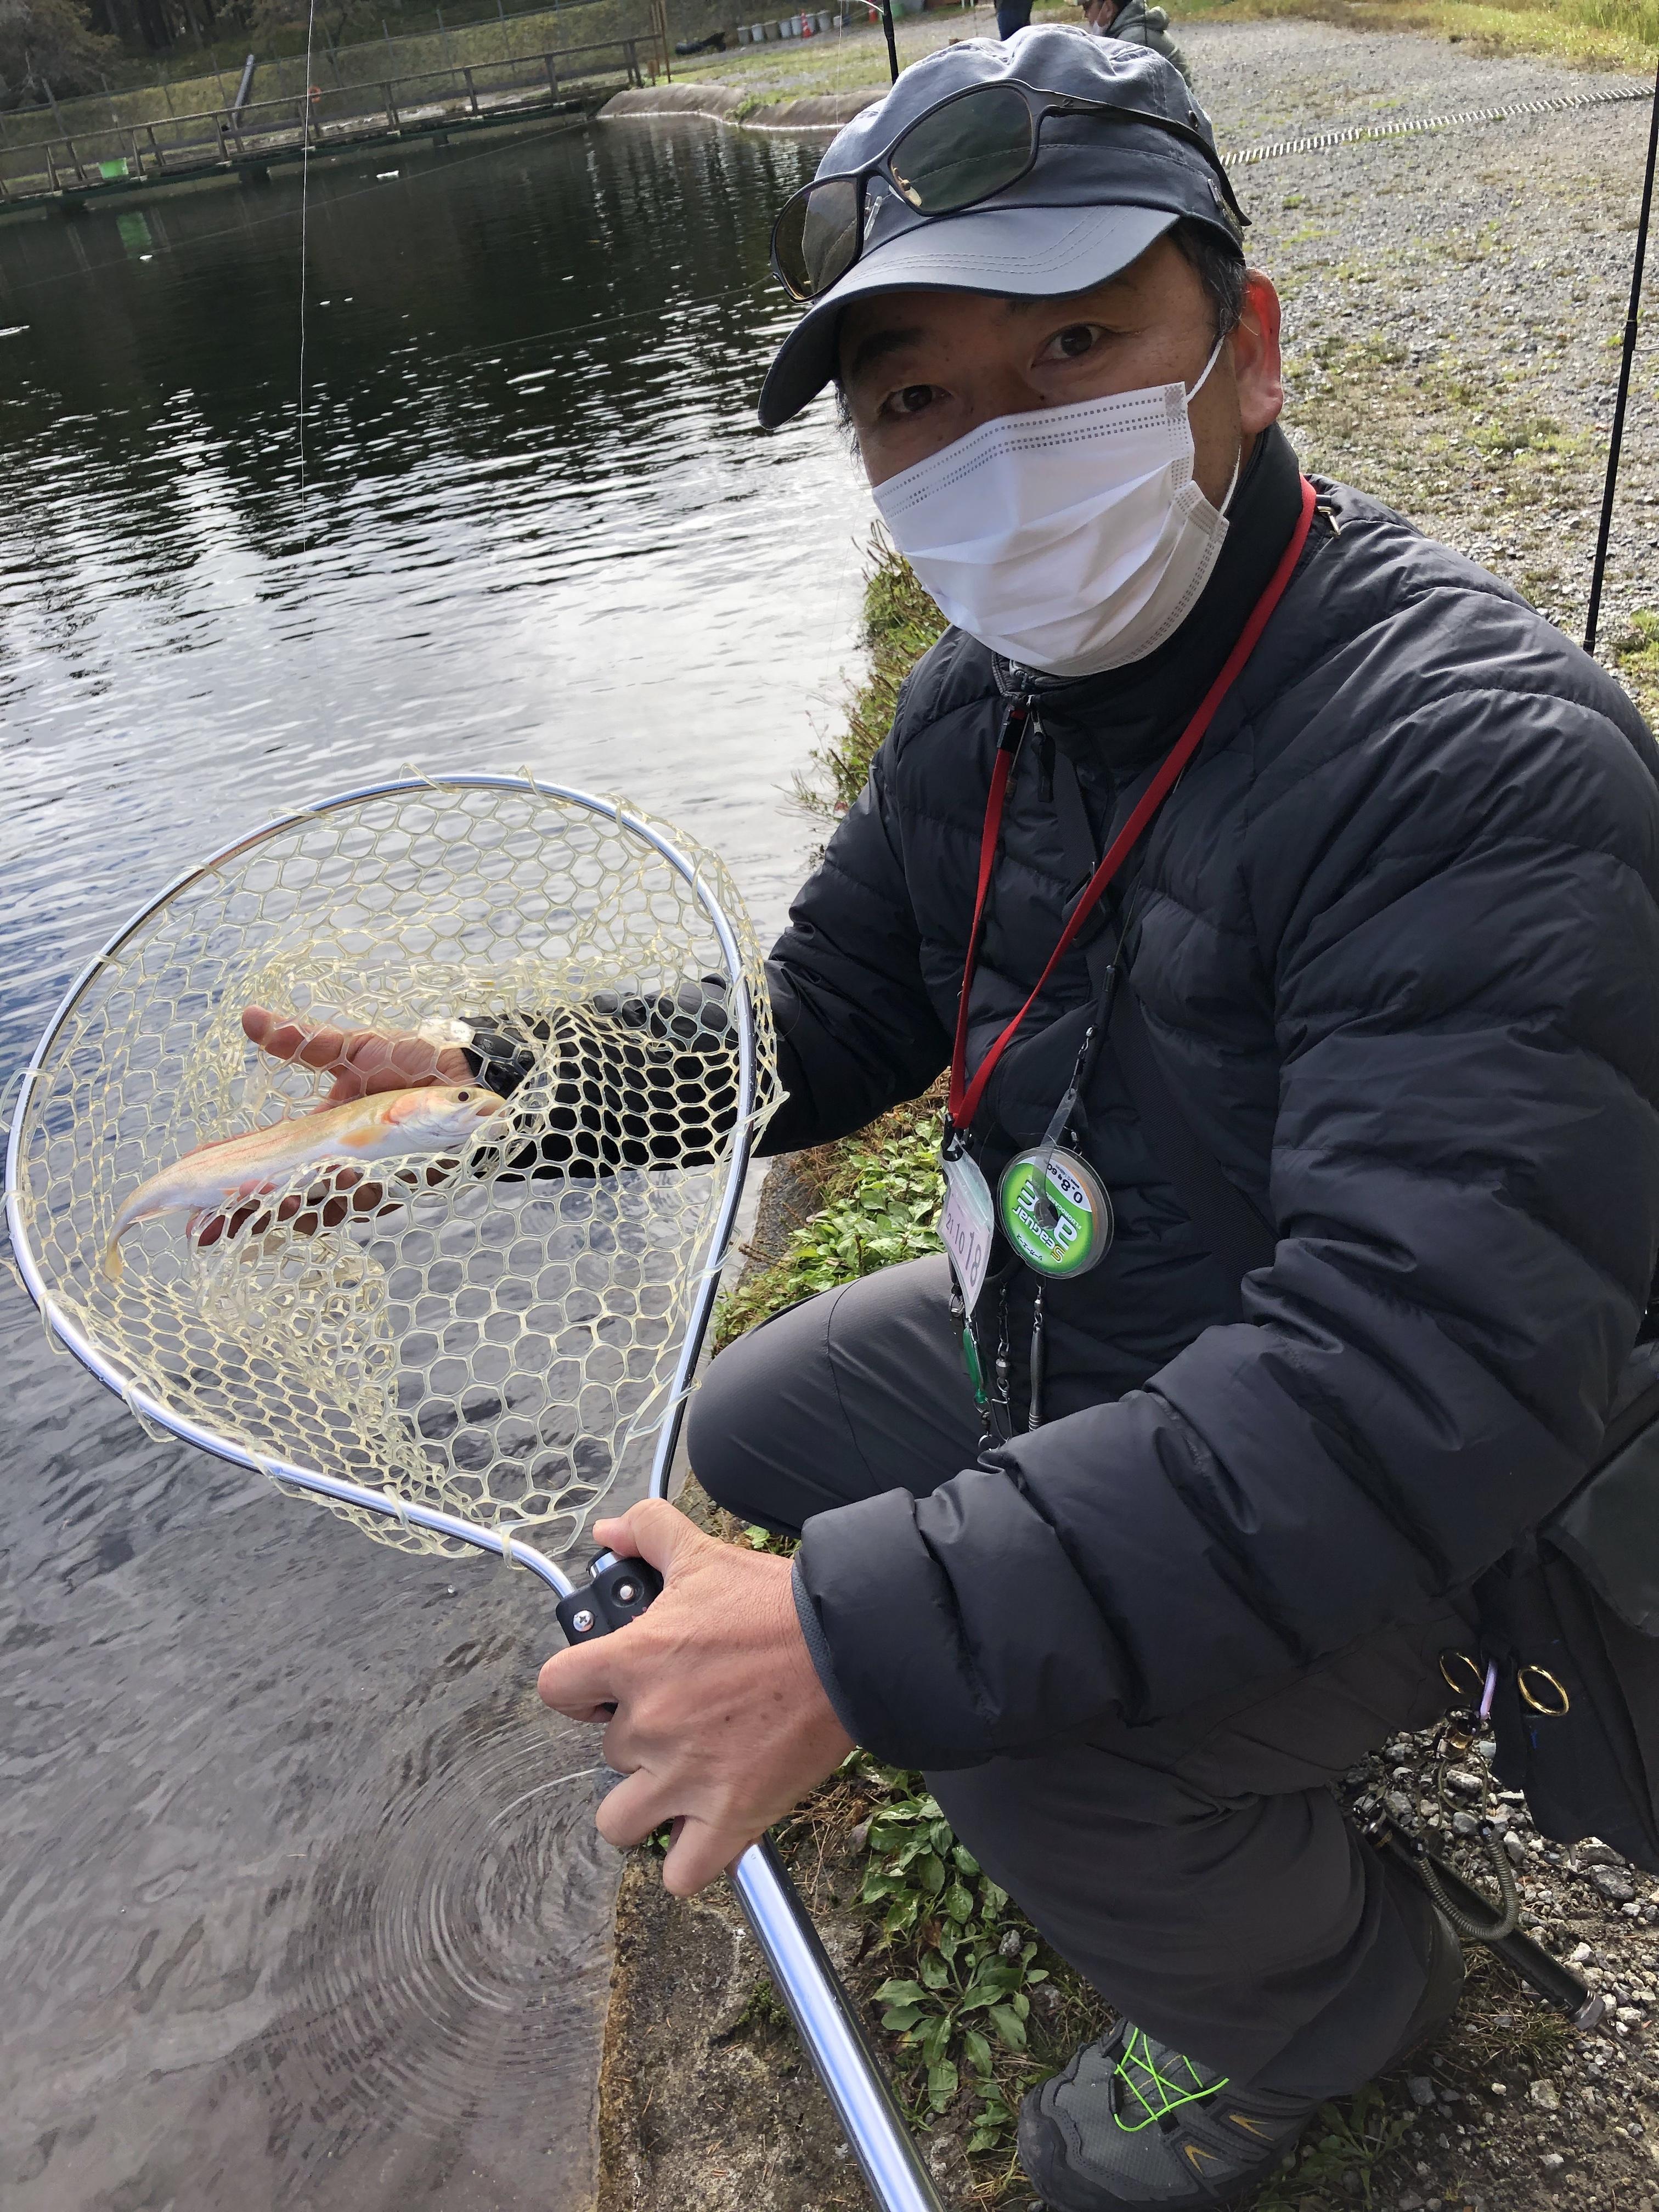 秋の管理釣り場トラウトシーズン真っ盛り!ボトムから表層までいろいろなルアーで楽しめる季節です。